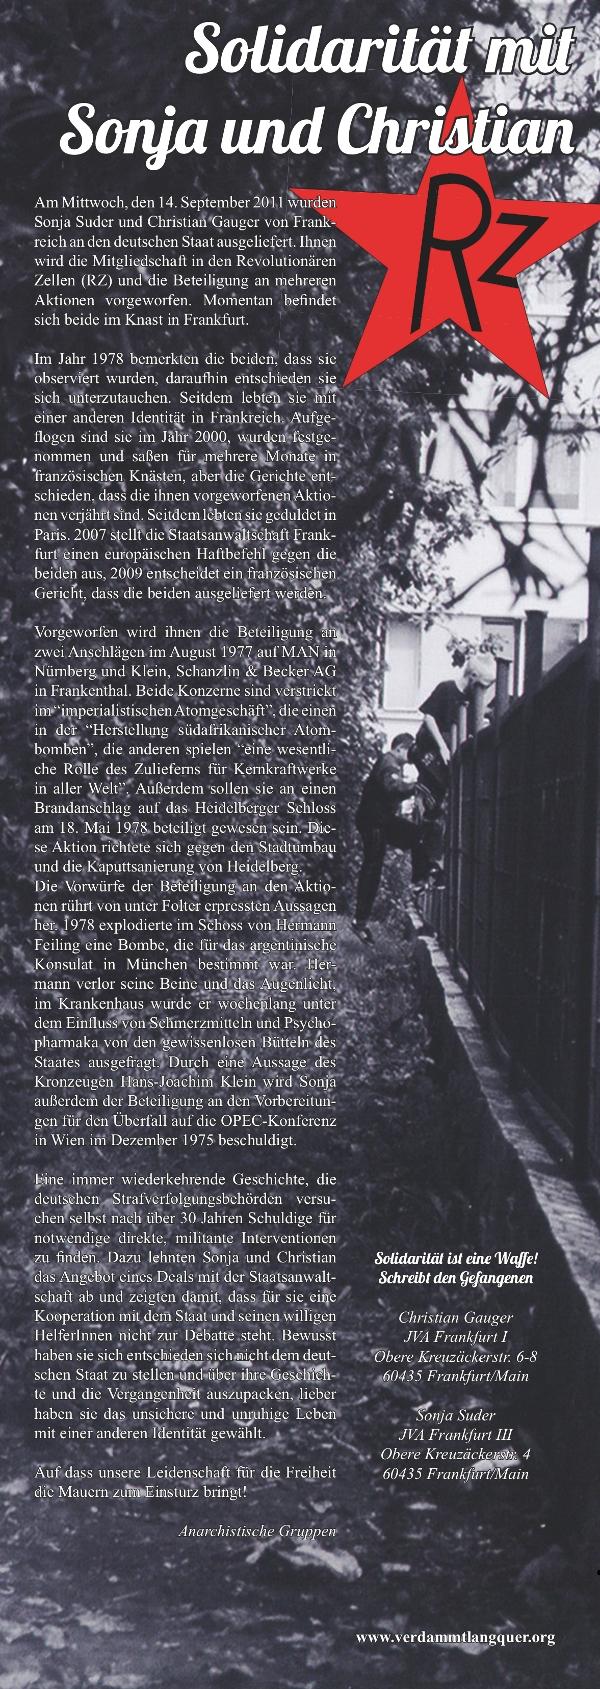 Am Mittwoch, den 14. September 2011 wurden Sonja Suder und Christian Gauger von Frankreich an den deutschen Staat ausgeliefert. Ihnen wird die Mitgliedschaft in den Revolutionären Zellen (RZ) und die Beteiligung an mehreren Aktionen vorgeworfen. Sonja befindet sich im Knast in Frankfurt. Christian wurde entlassen.